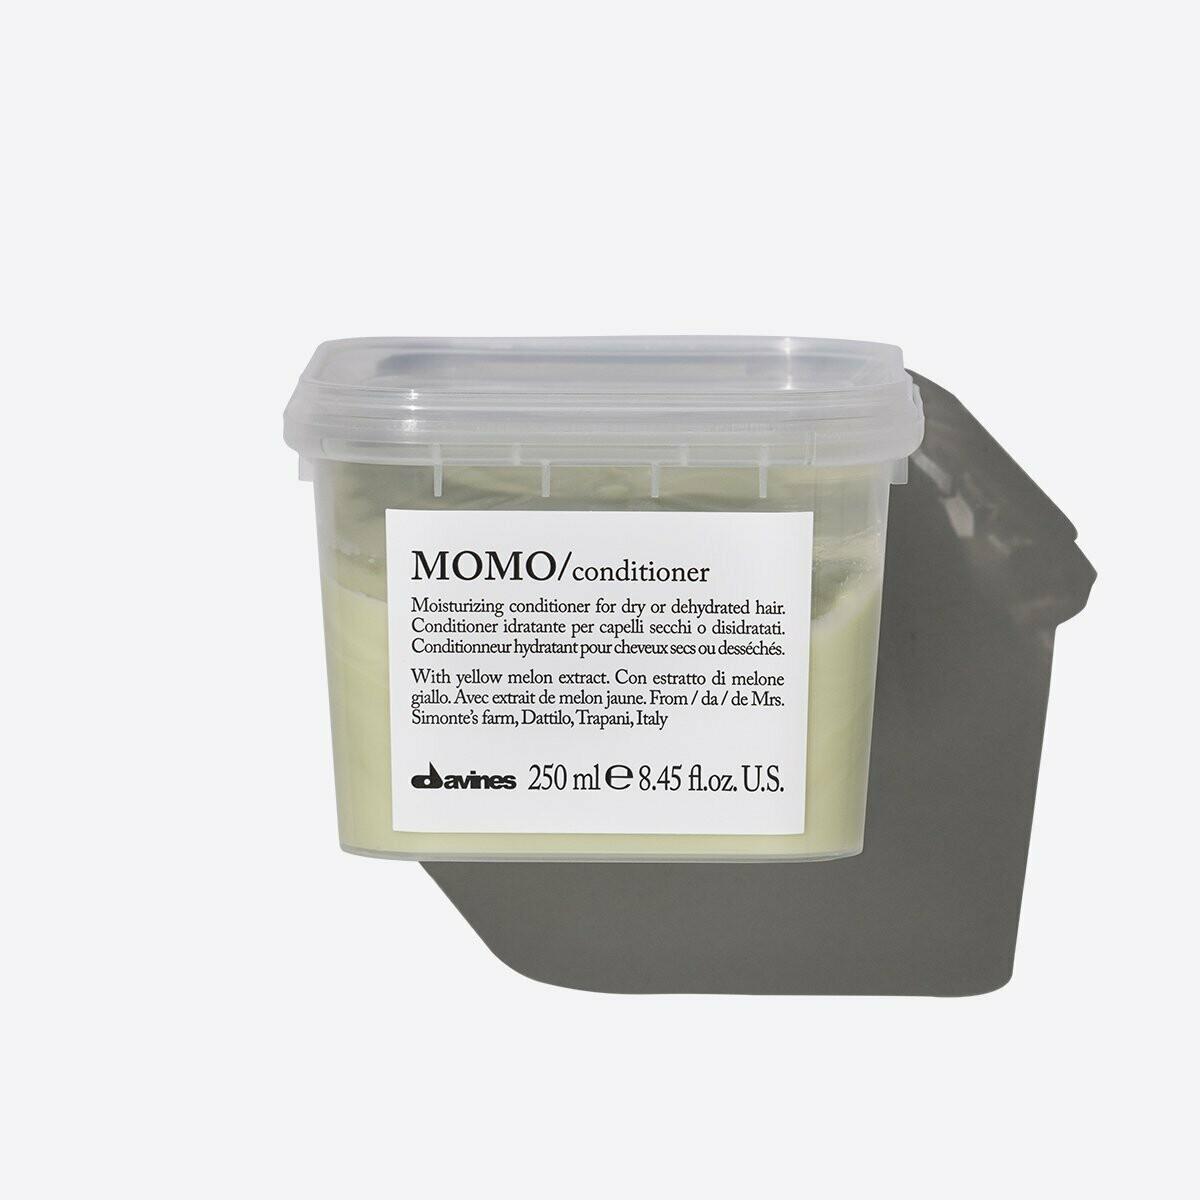 MOMO Conditioner 250 ml